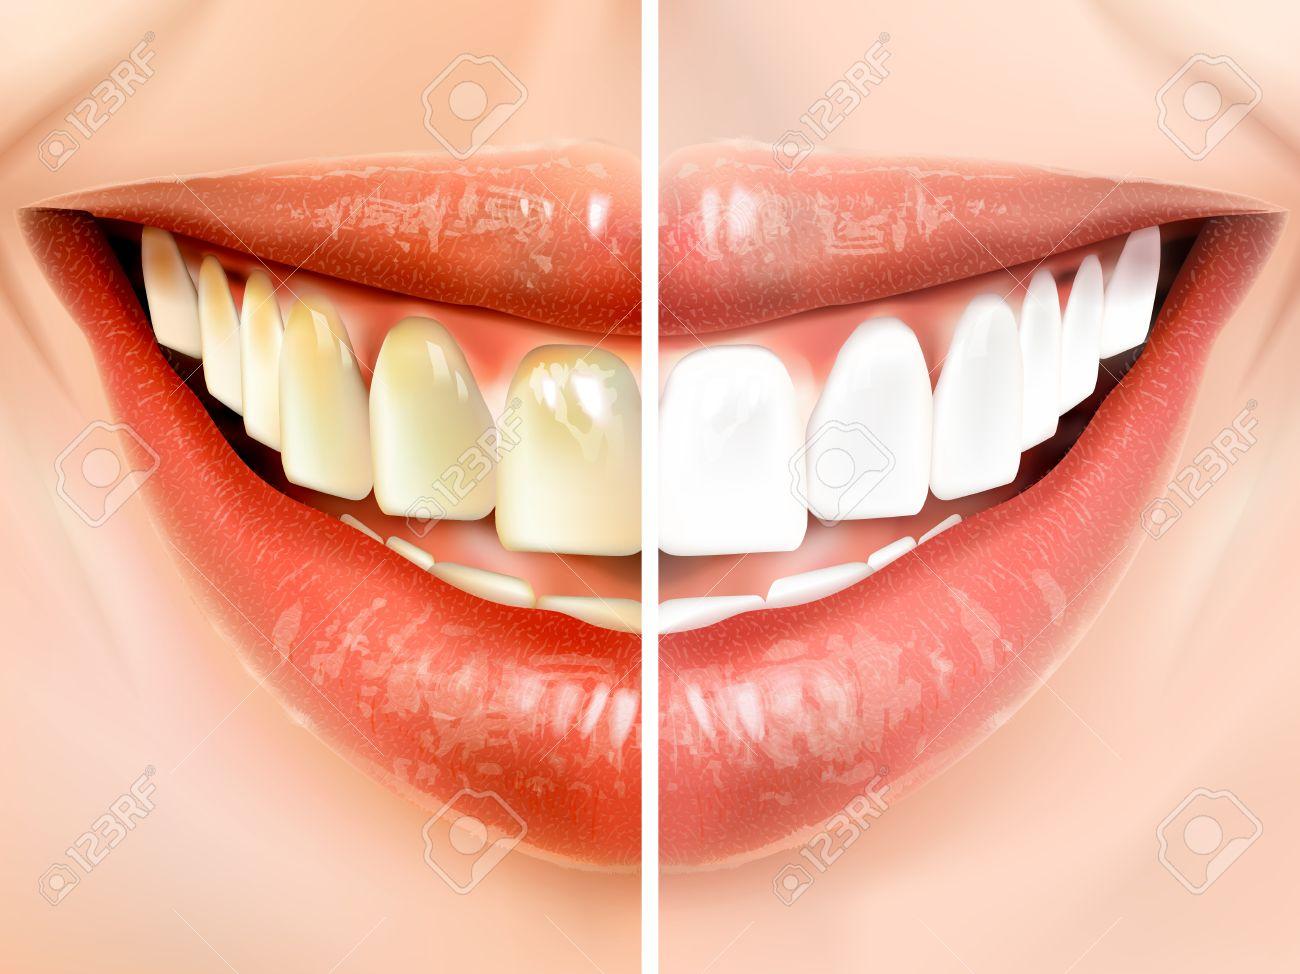 les dents sales